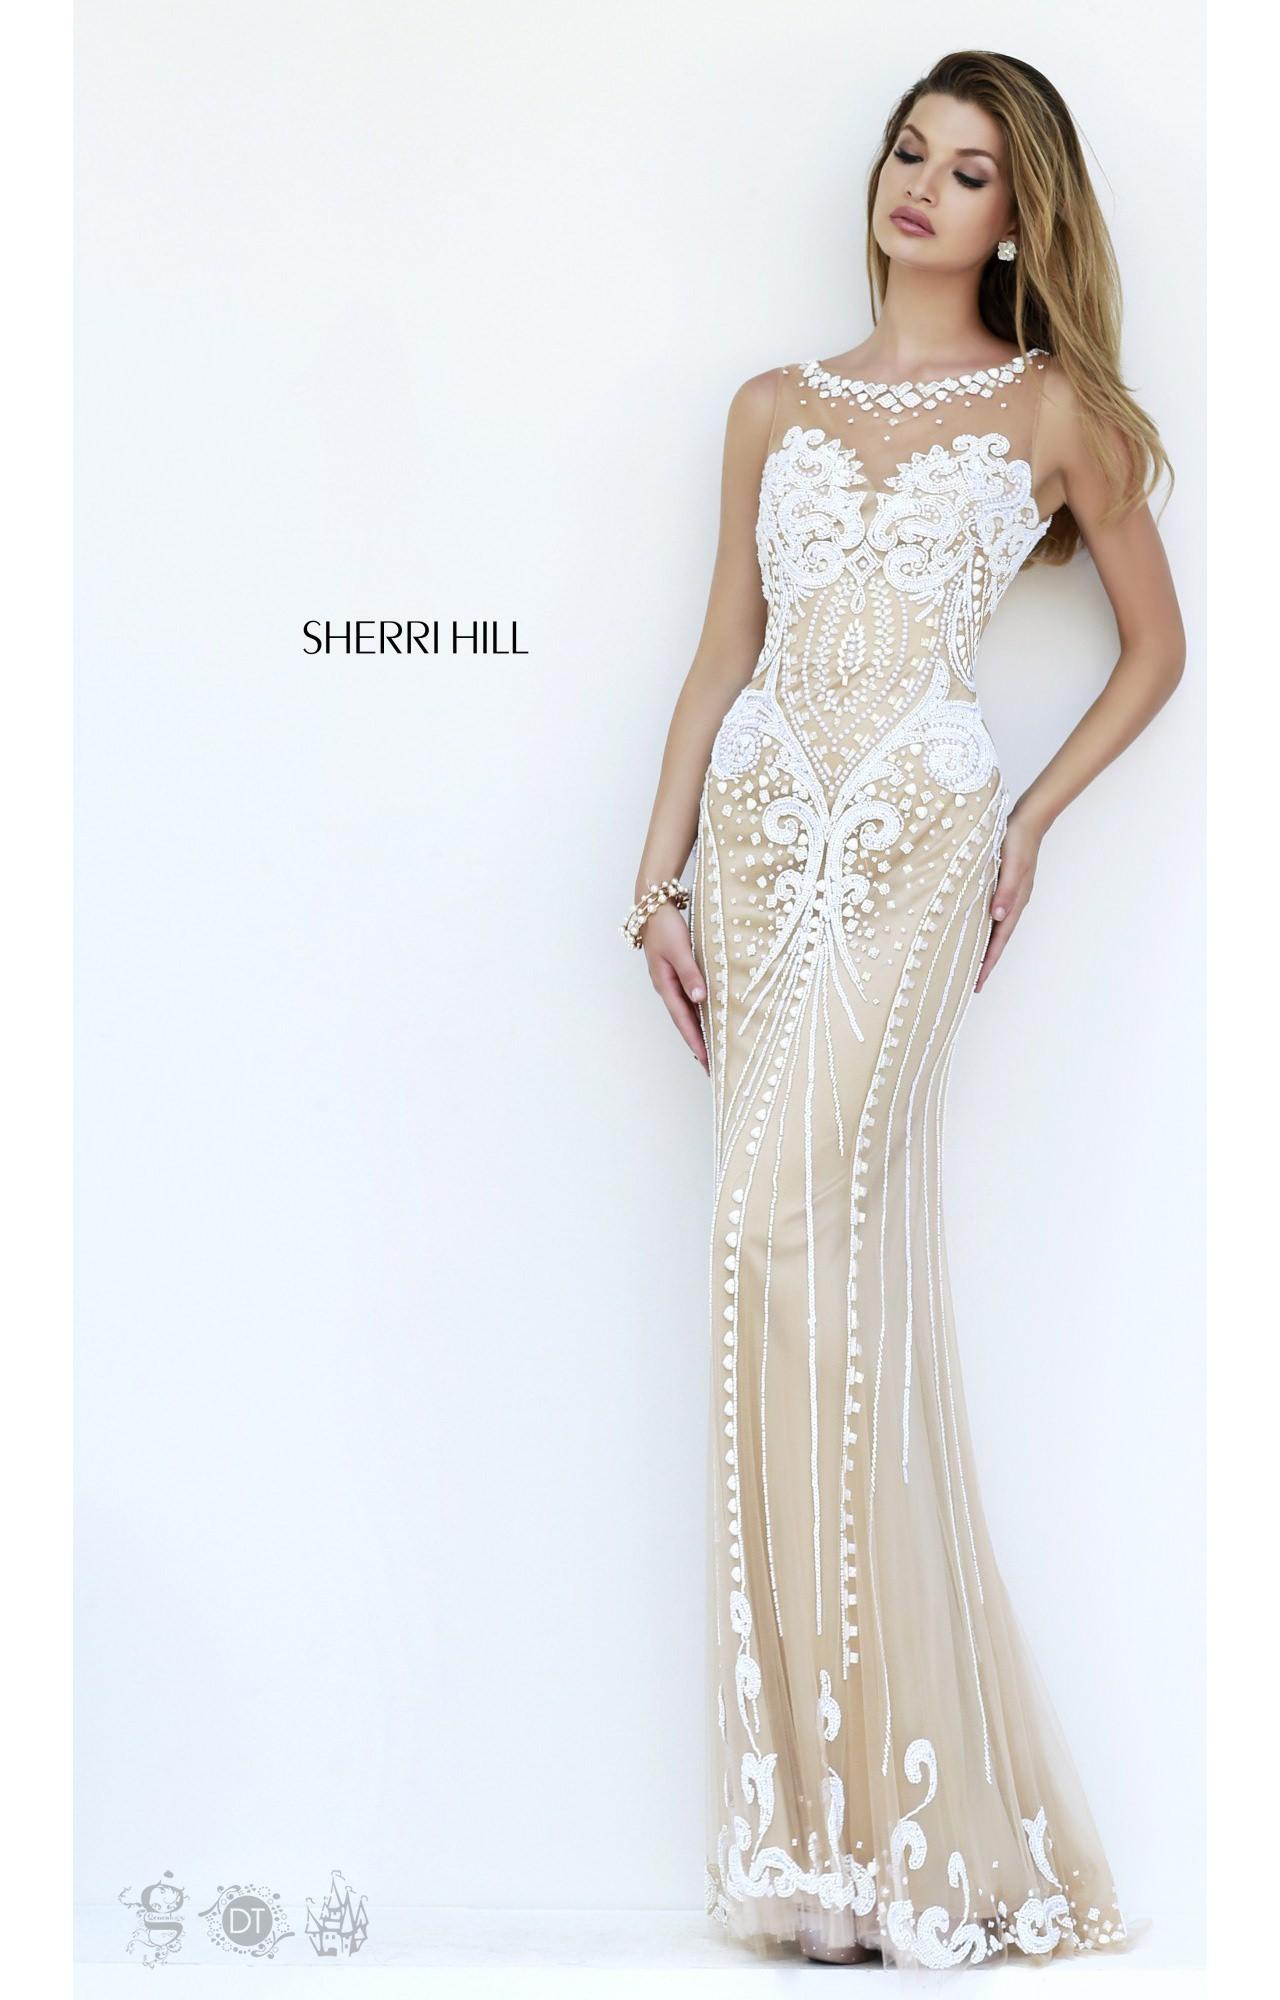 Sherri Hill 9737 Formal Evening Prom Dress